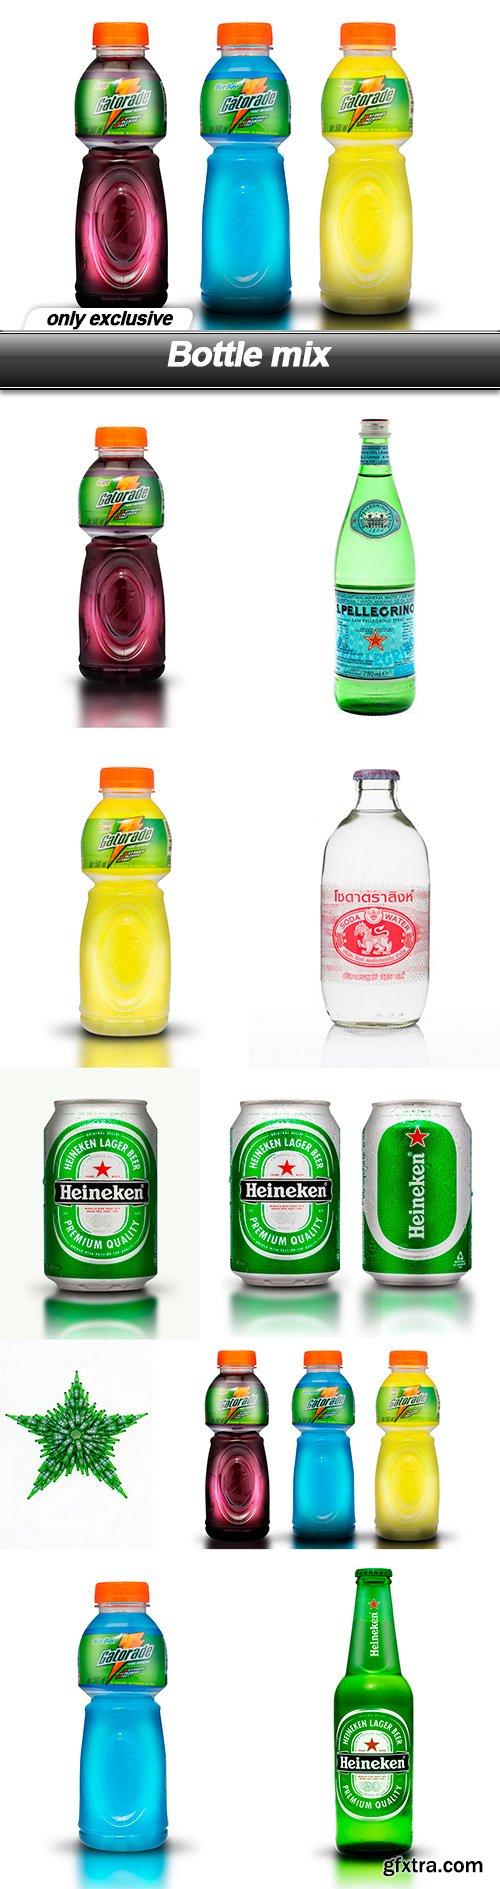 Bottle mix - 10  UHQ JPEG